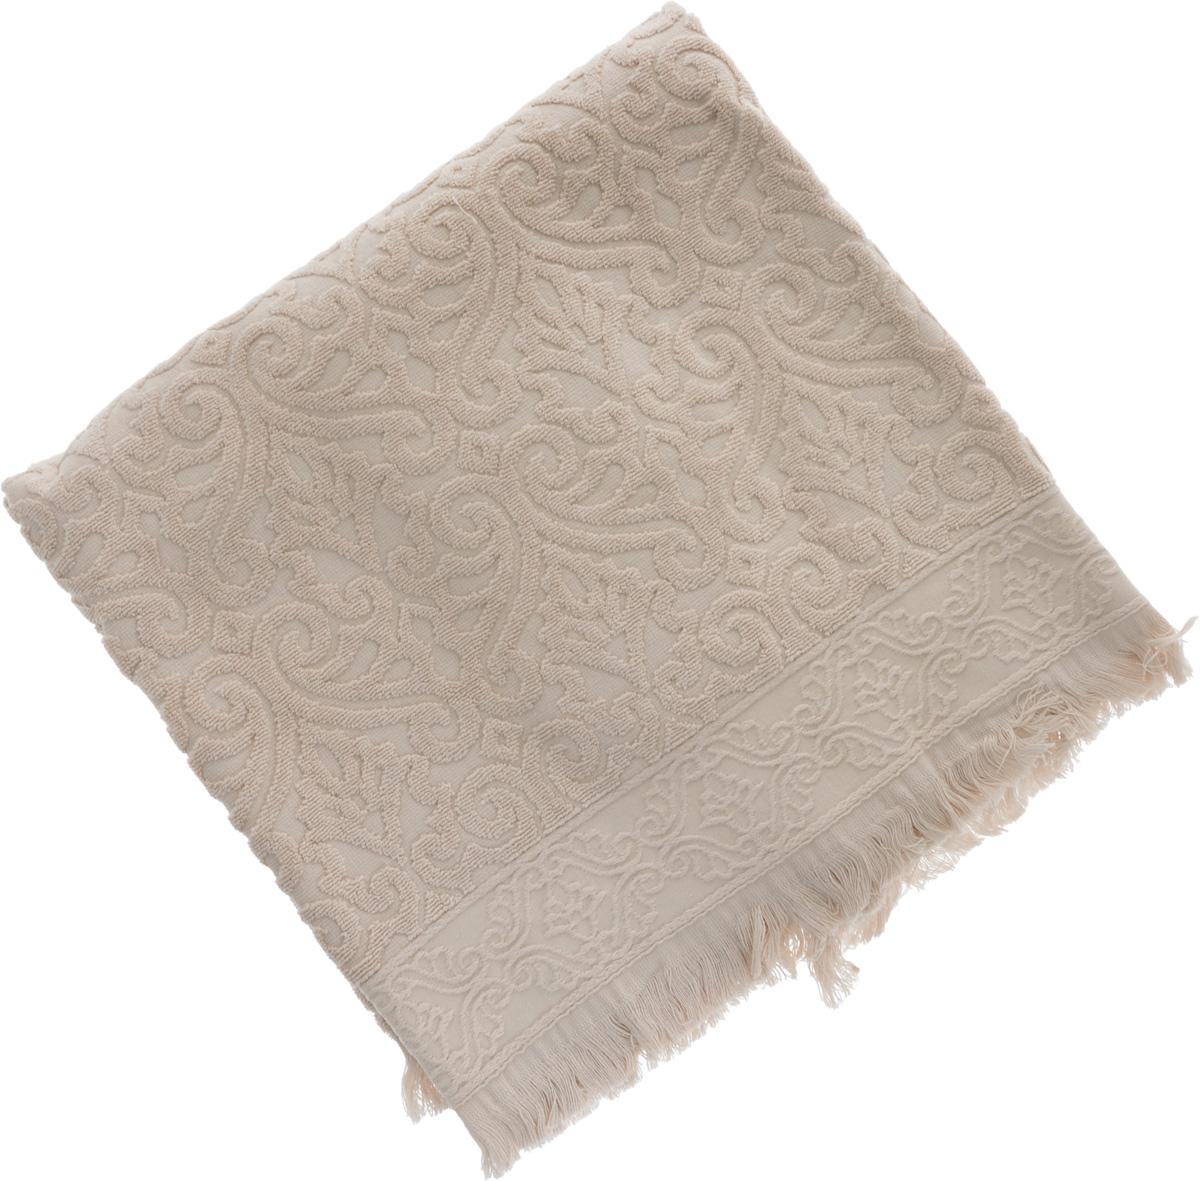 Полотенце махровое Issimo Home Tarren, цвет: бежевый, 90 x 150 см4957Полотенце Issimo Home Tarren выполнено из 100% хлопка с махровым рельефным узором. Изделие отлично впитывает влагу, быстро сохнет и не теряет форму даже после многократных стирок. Рекомендации по уходу:- режим стирки при 40°C,- допускается обычная химчистка,- отбеливание запрещено,- глажка при температуре подошвы утюга до 110°С,- барабанный отжим запрещен.Размер полотенца: 90 х 150 см.